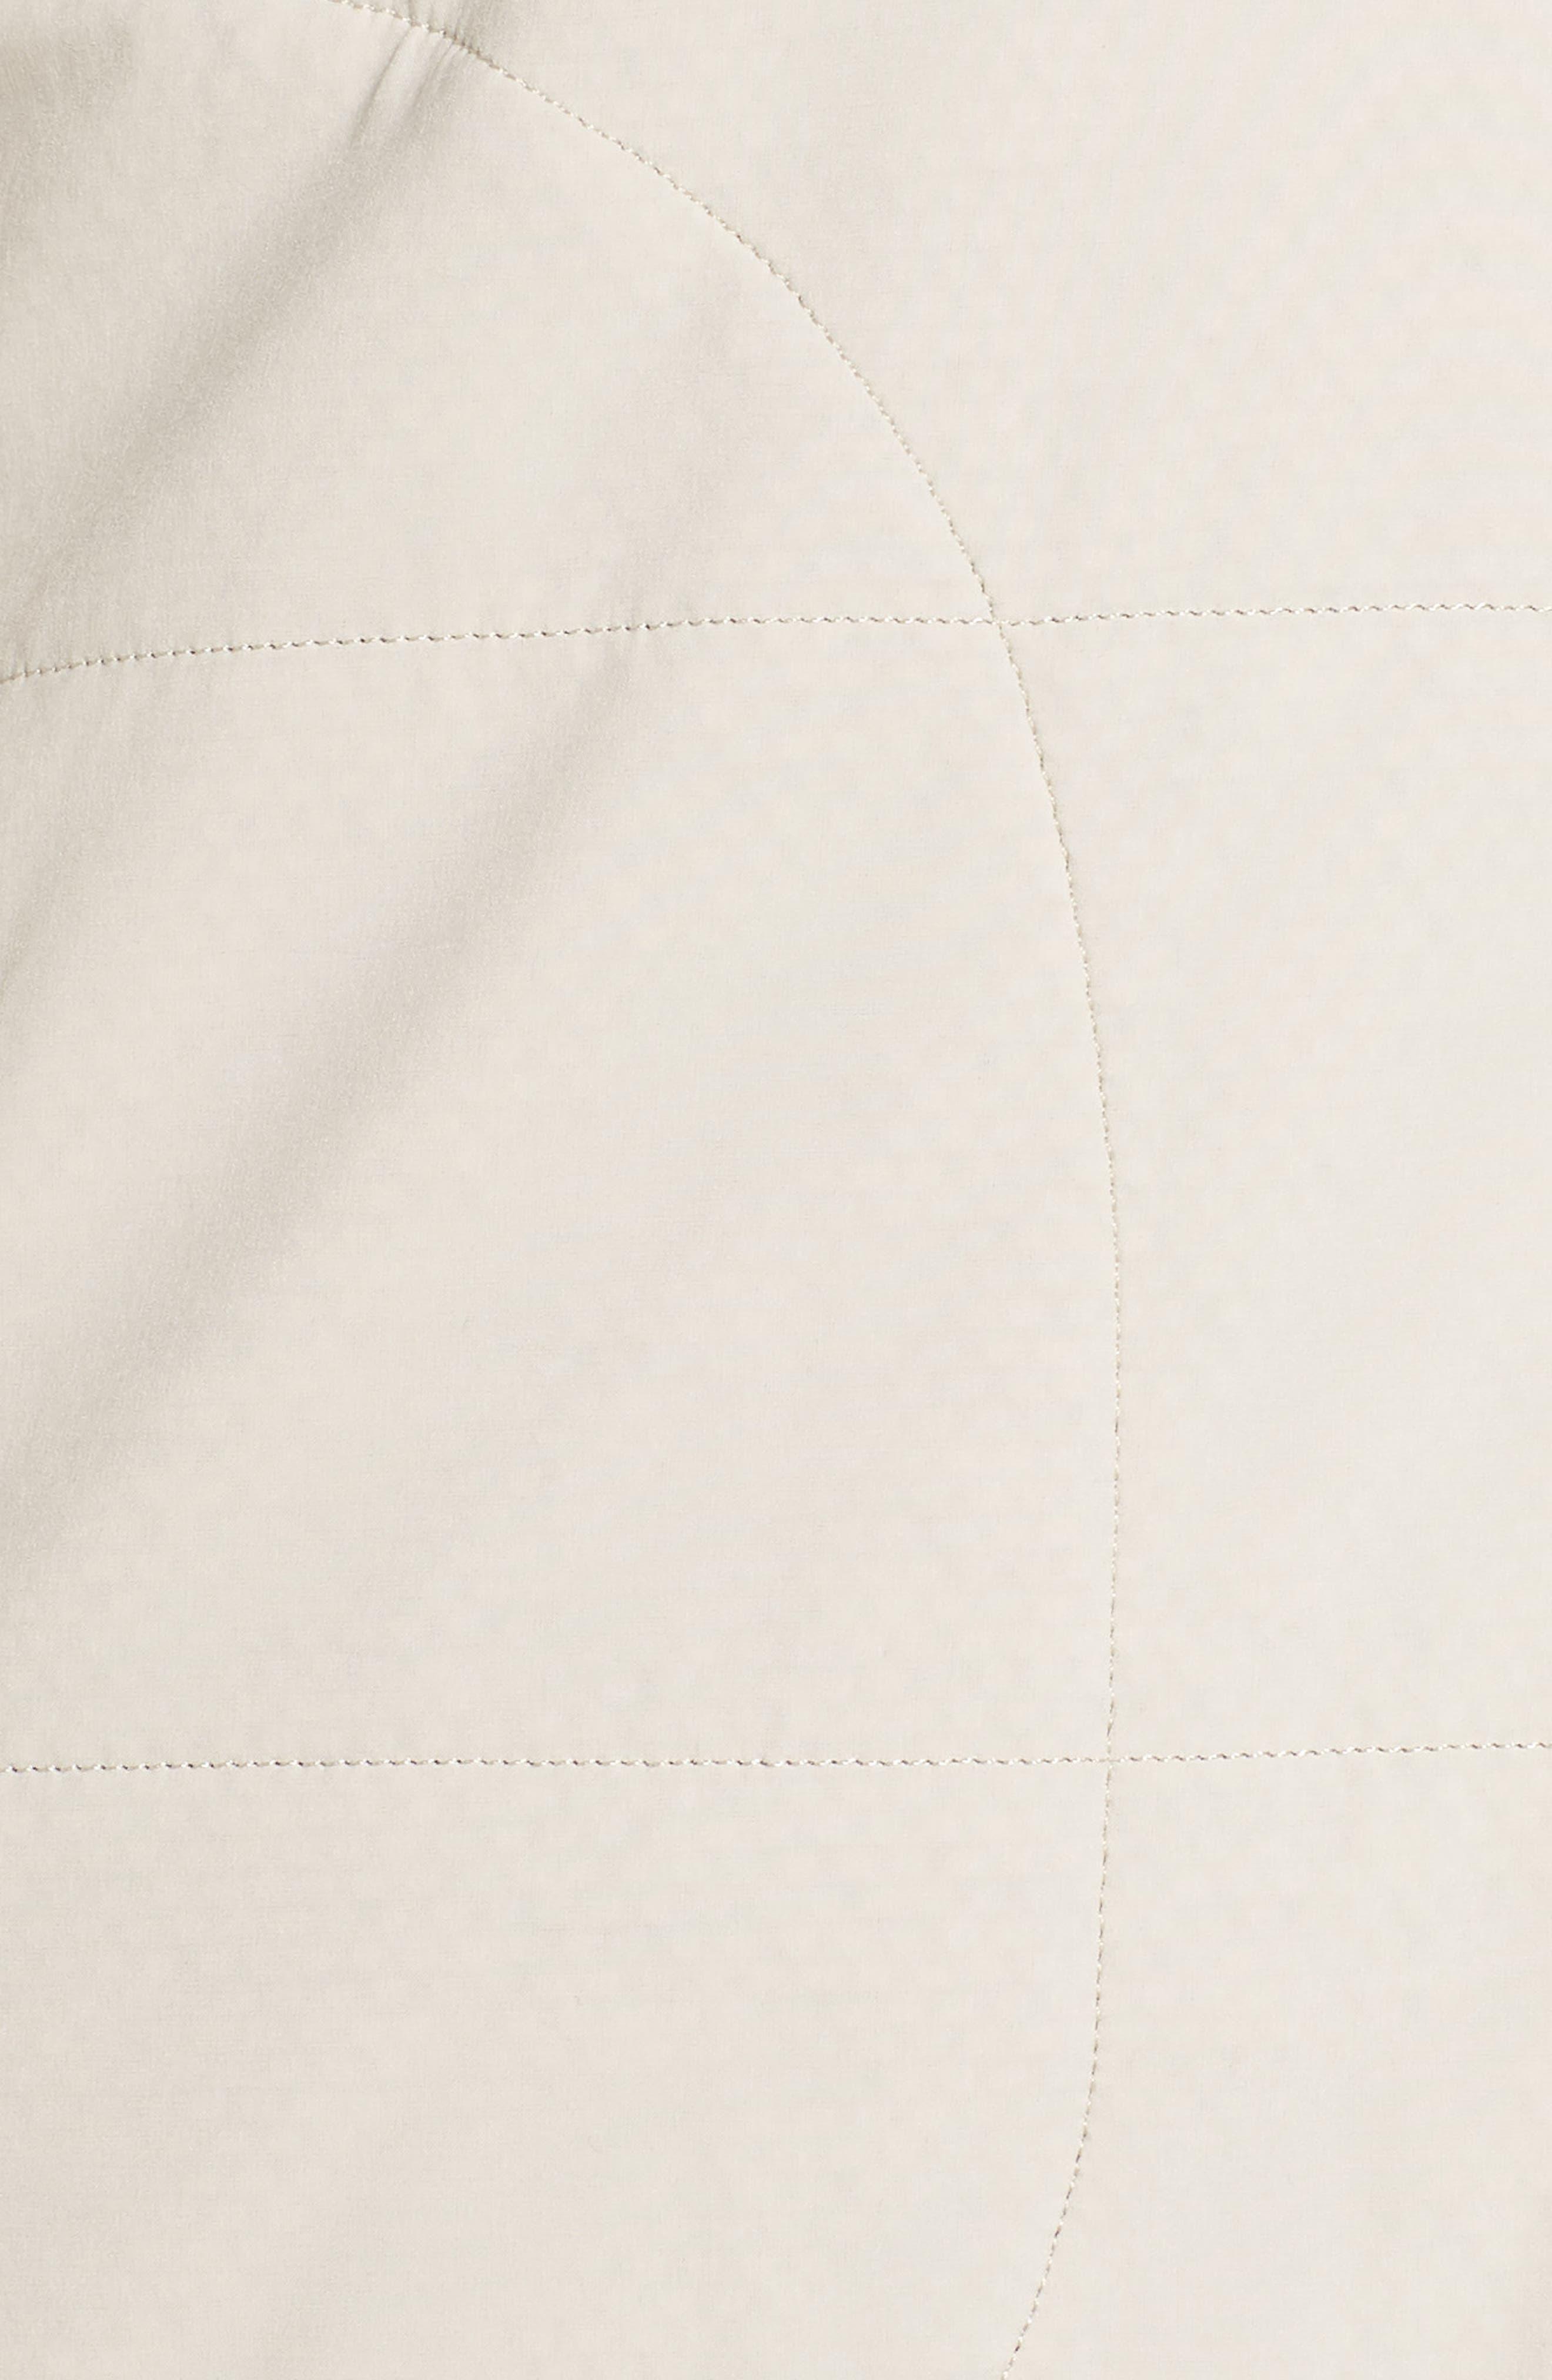 Mountain Zip Hooded Sweatshirt,                             Alternate thumbnail 7, color,                             PEYOTE BEIGE/ GRAPHITE GREY